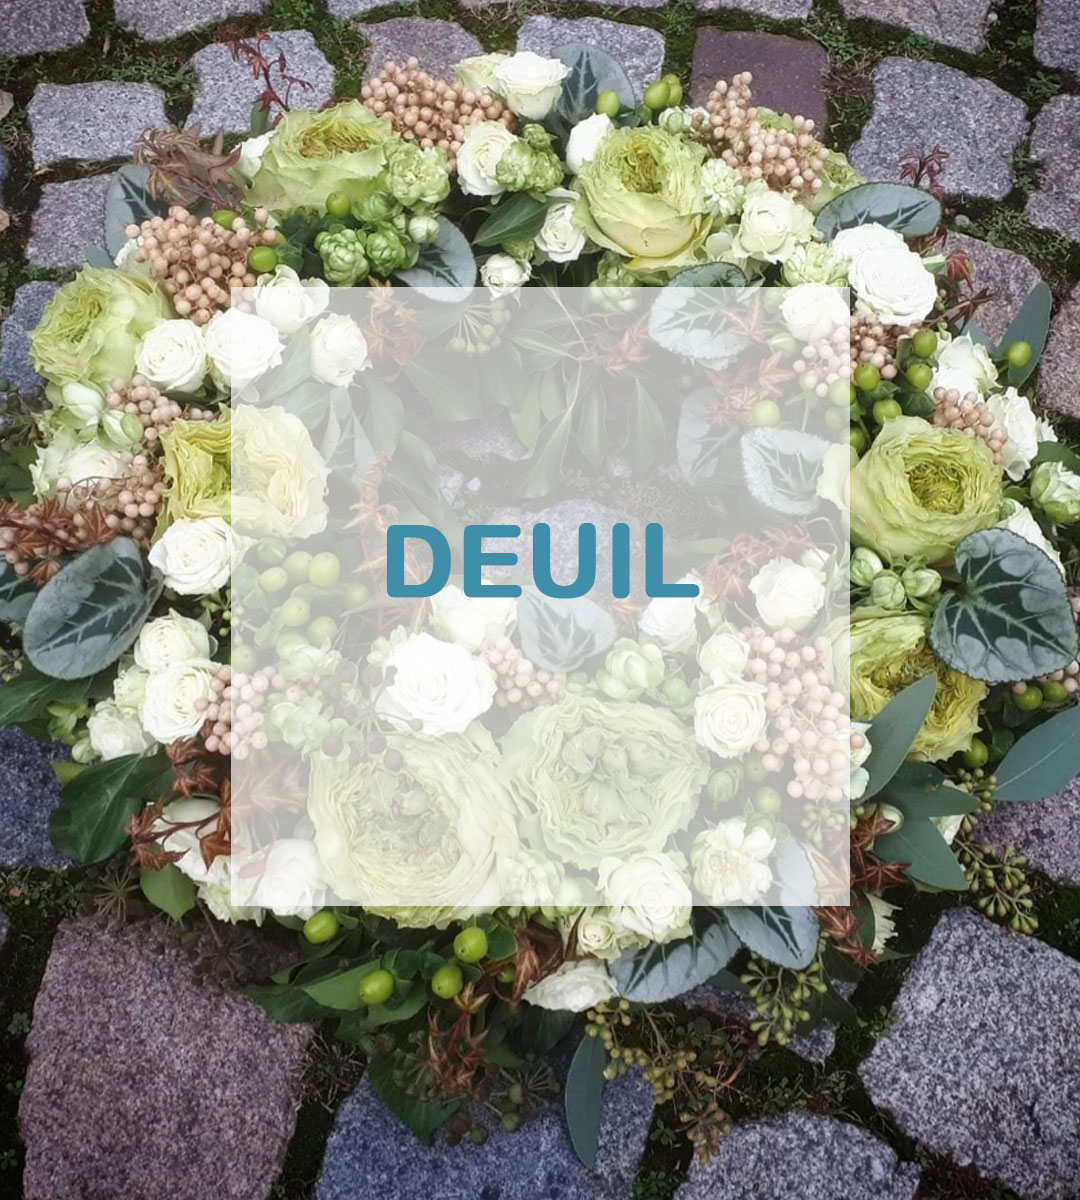 au paradis des fleurs neuville sur saone mariage fleurs lyon deuil livraison deuils